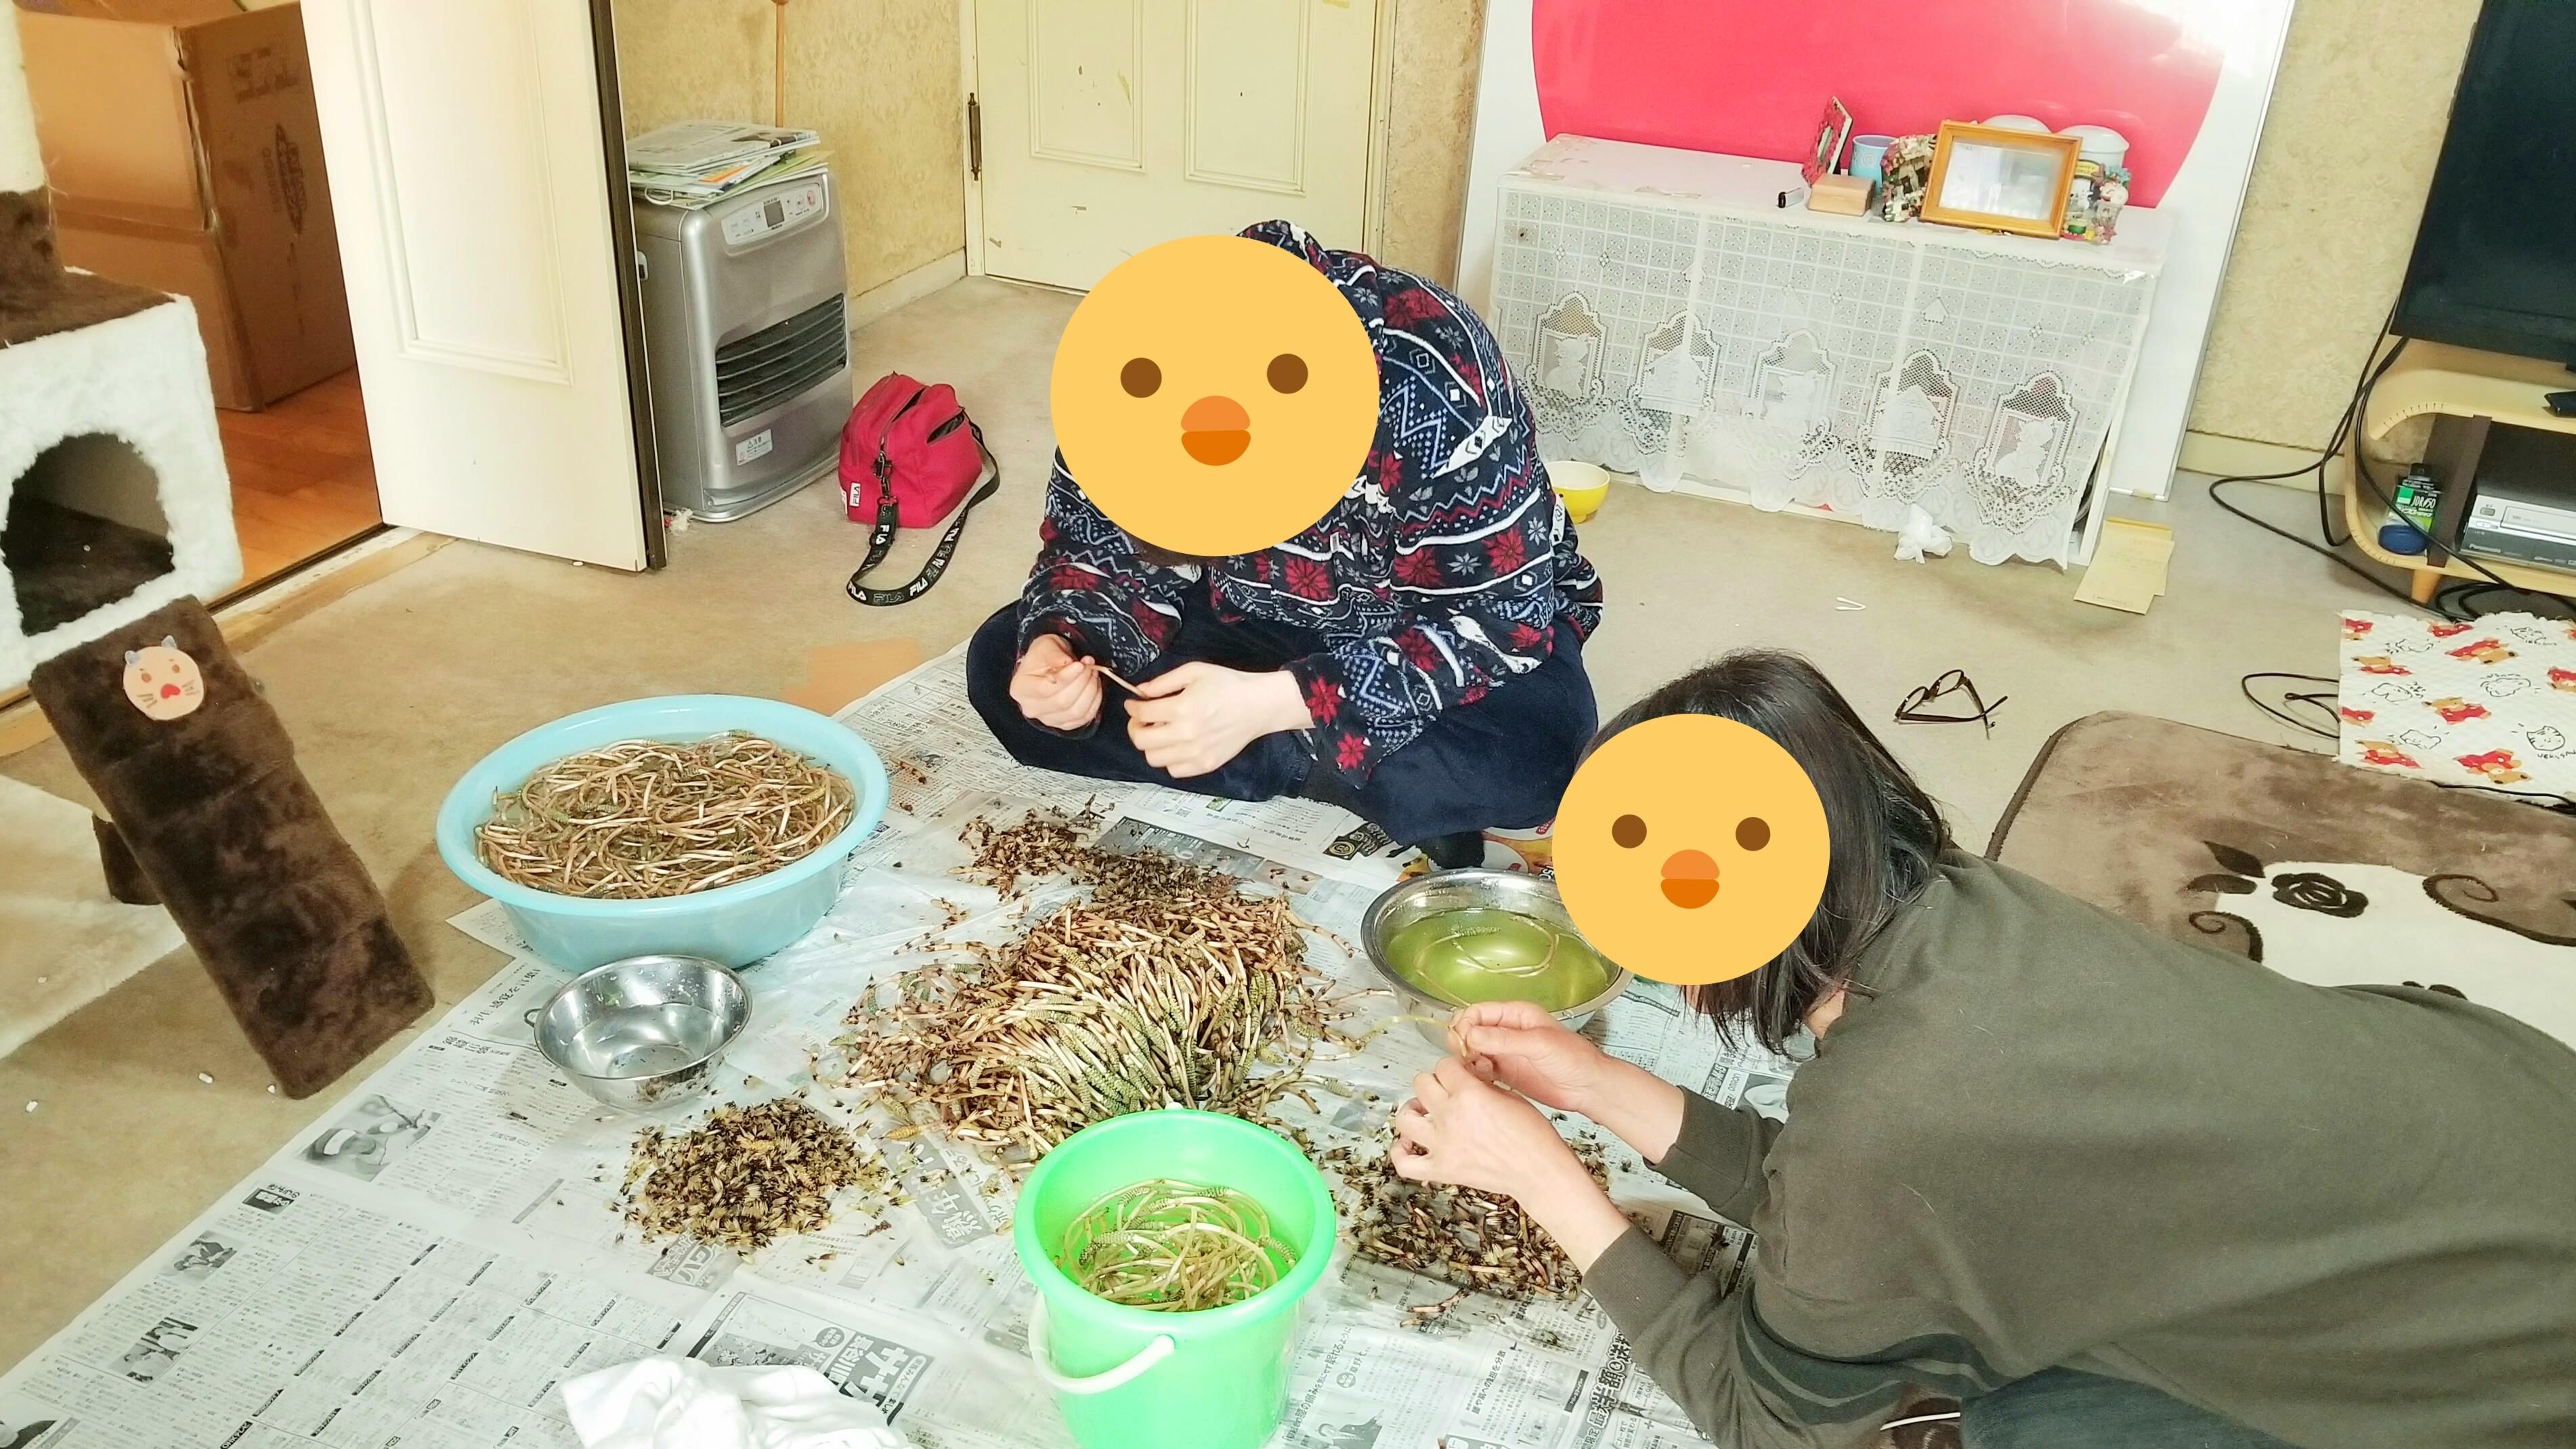 つくし採り楽しい1日かった嬉しい時間親戚と山菜時期旬袴剥き